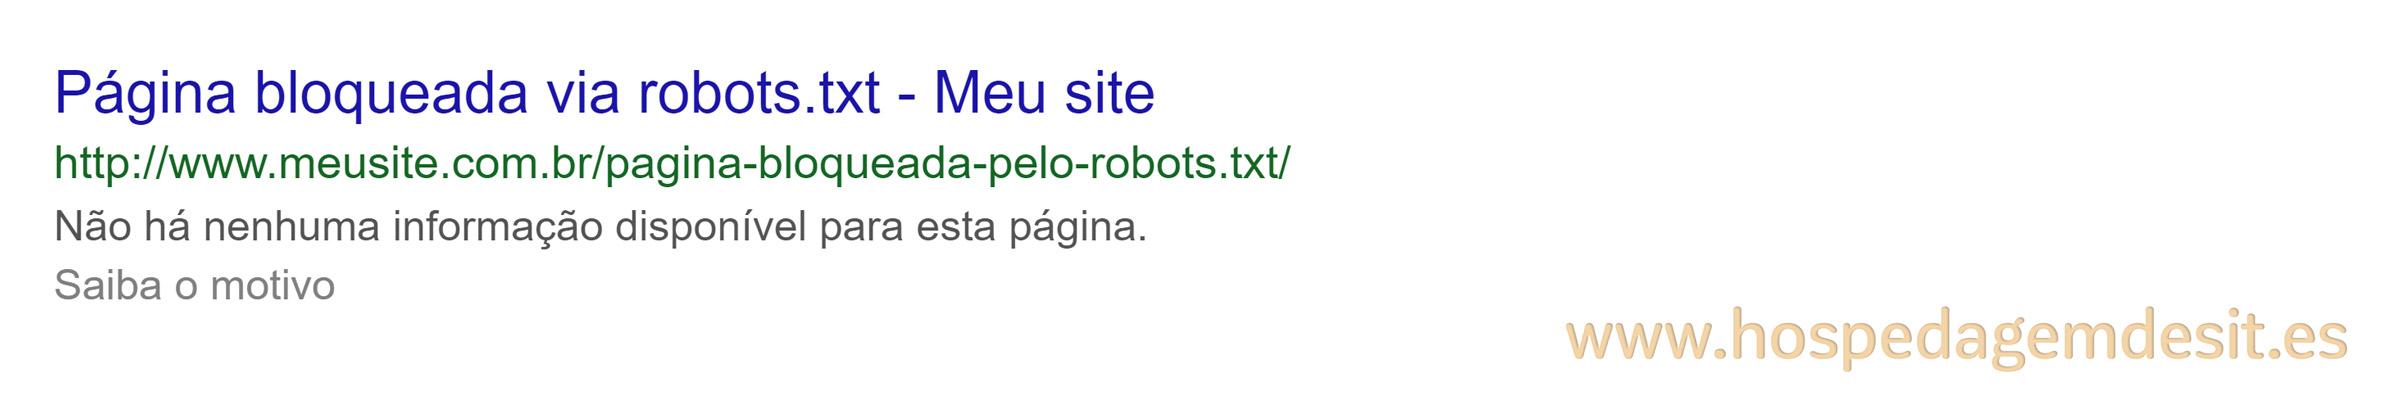 exemplo de página bloqueada pelo arquivo robots.txt